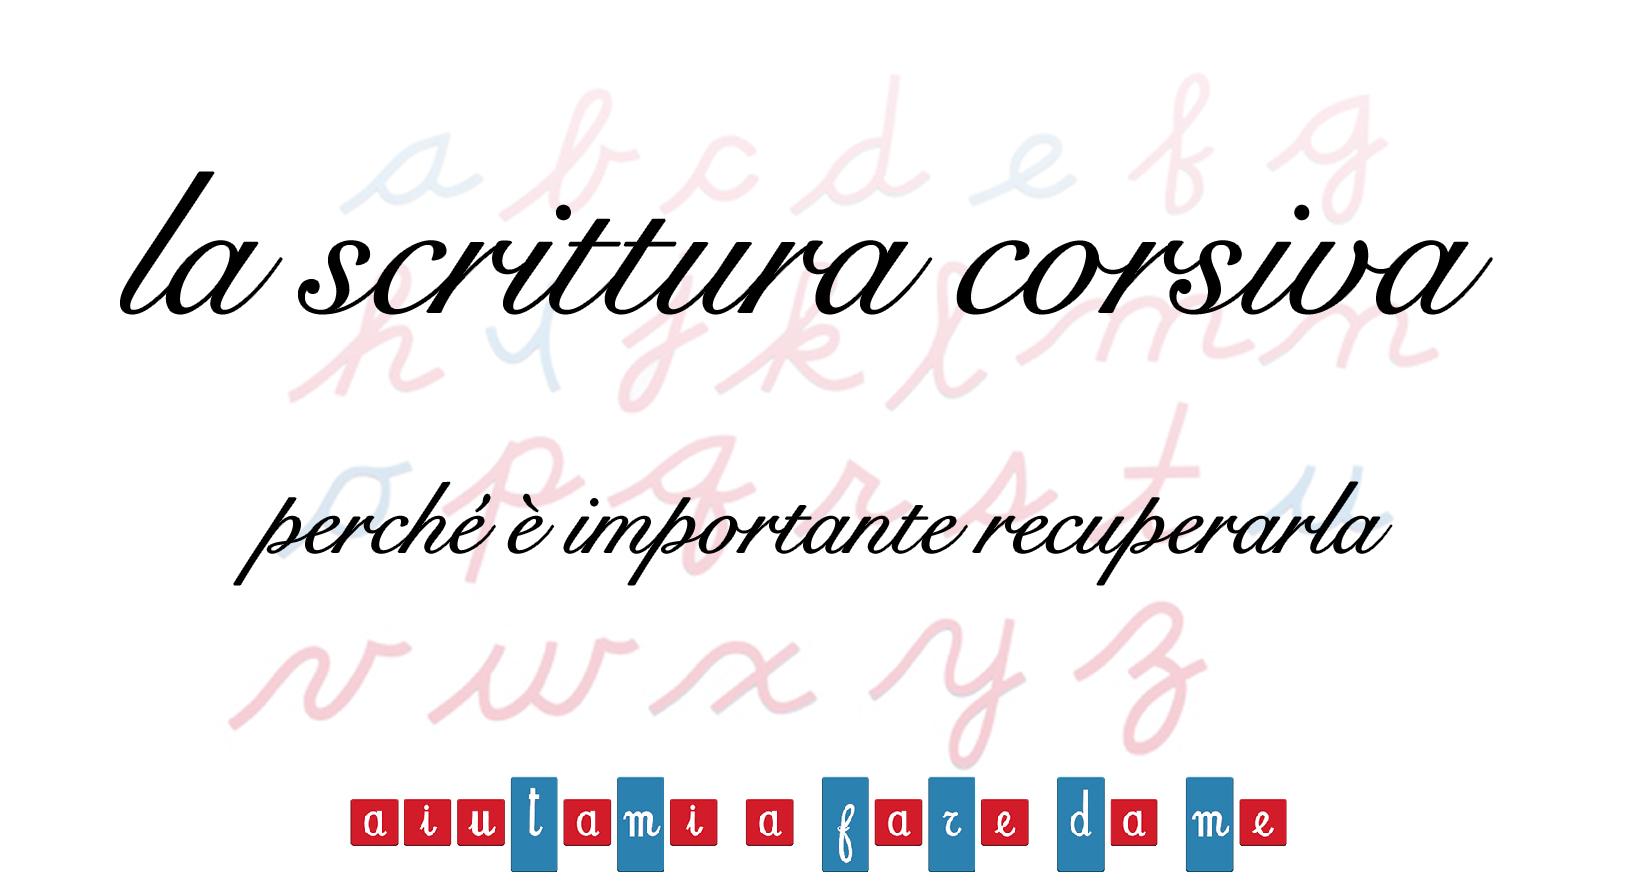 La scrittura corsiva: perché è importante recuperarla